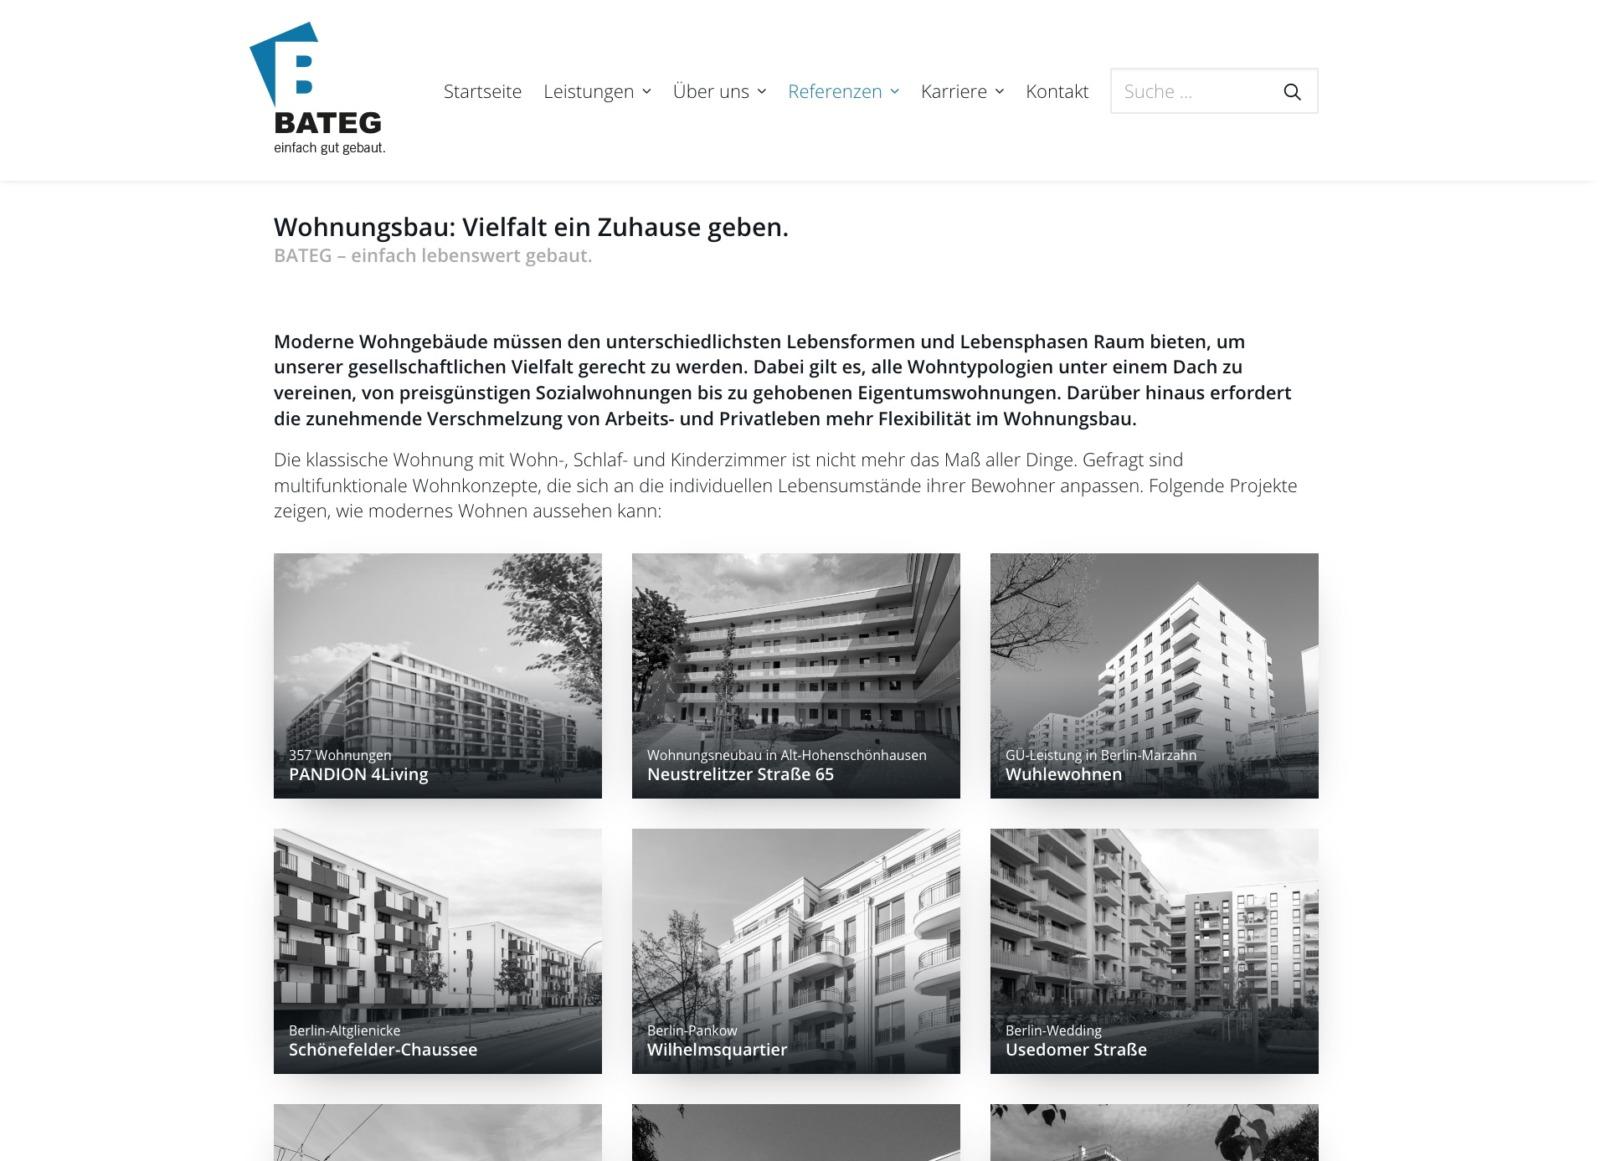 Wohnungsbau: Referenzen des Bauunternehmens im Überblick (Screenshot: Eric Sturm)